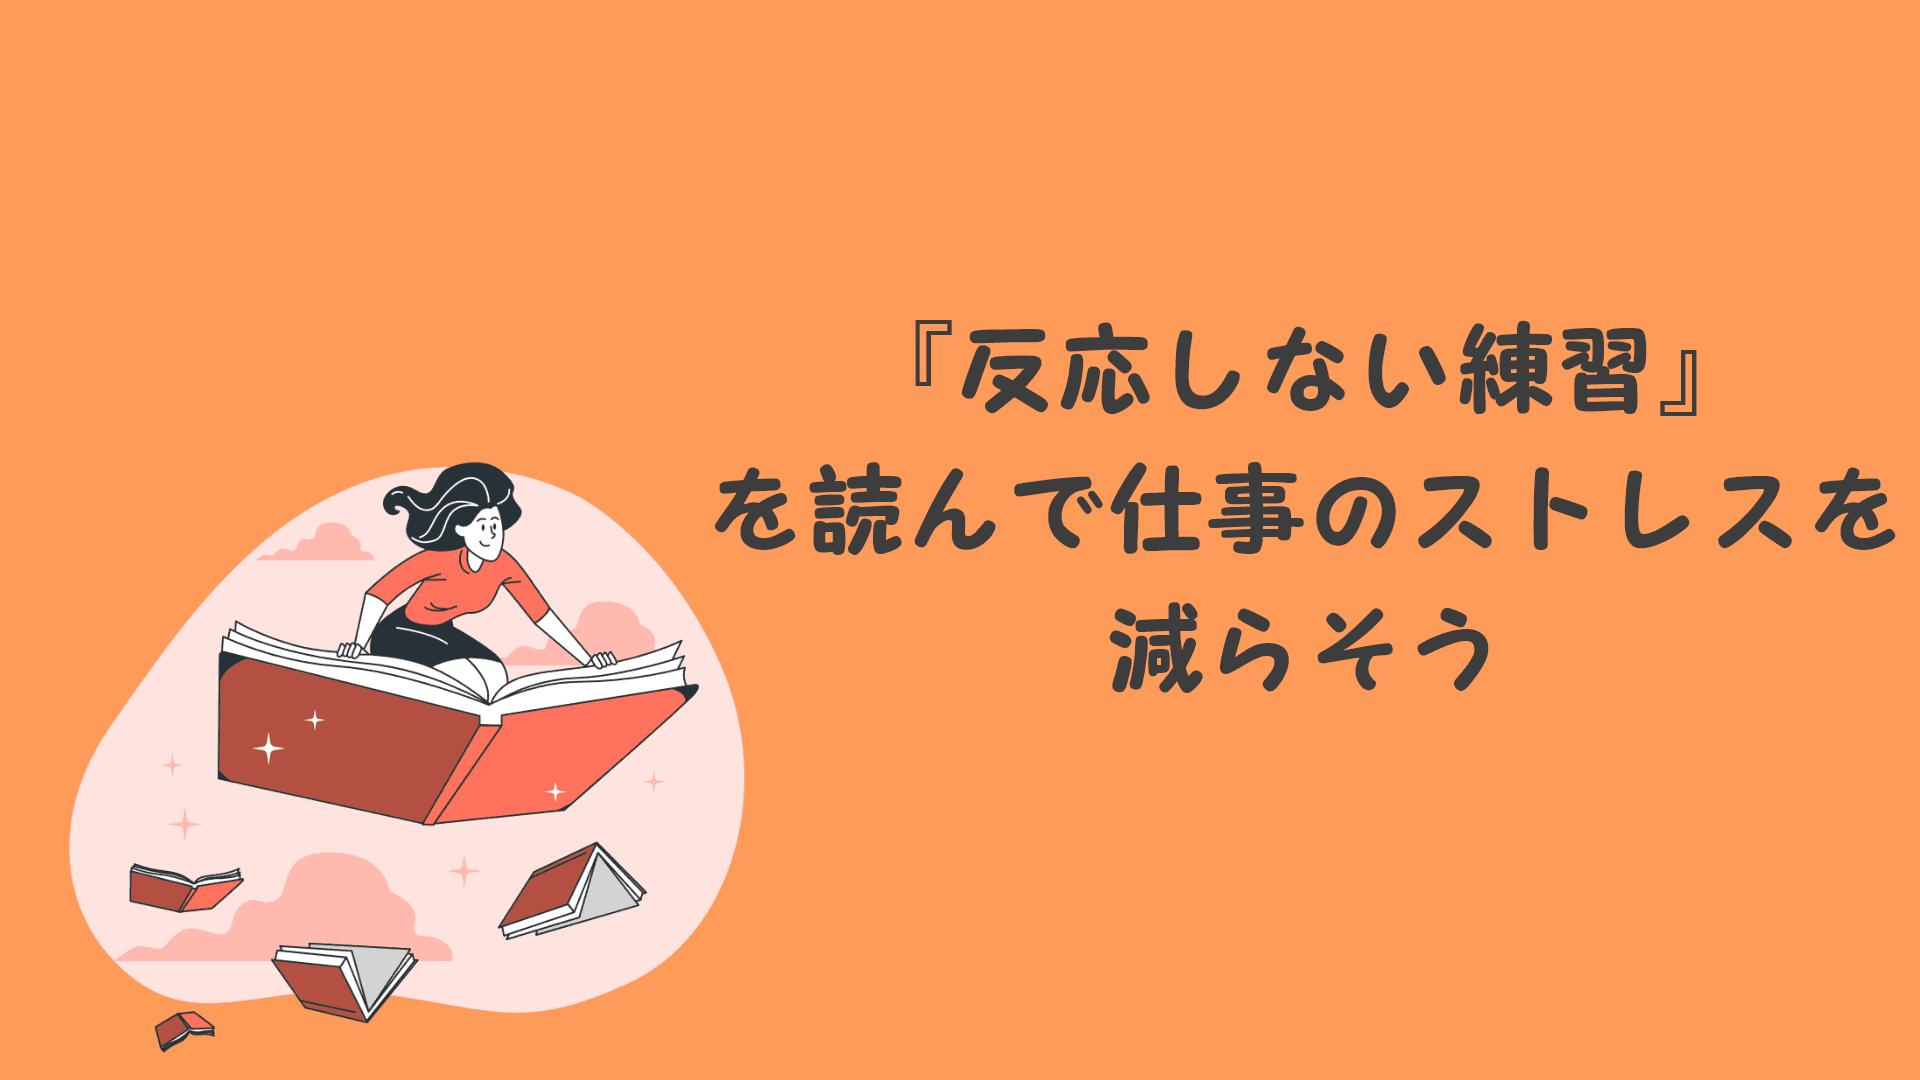 『反応しない練習』を読んで仕事のストレスを減らそう【苦しみから卒業できます】